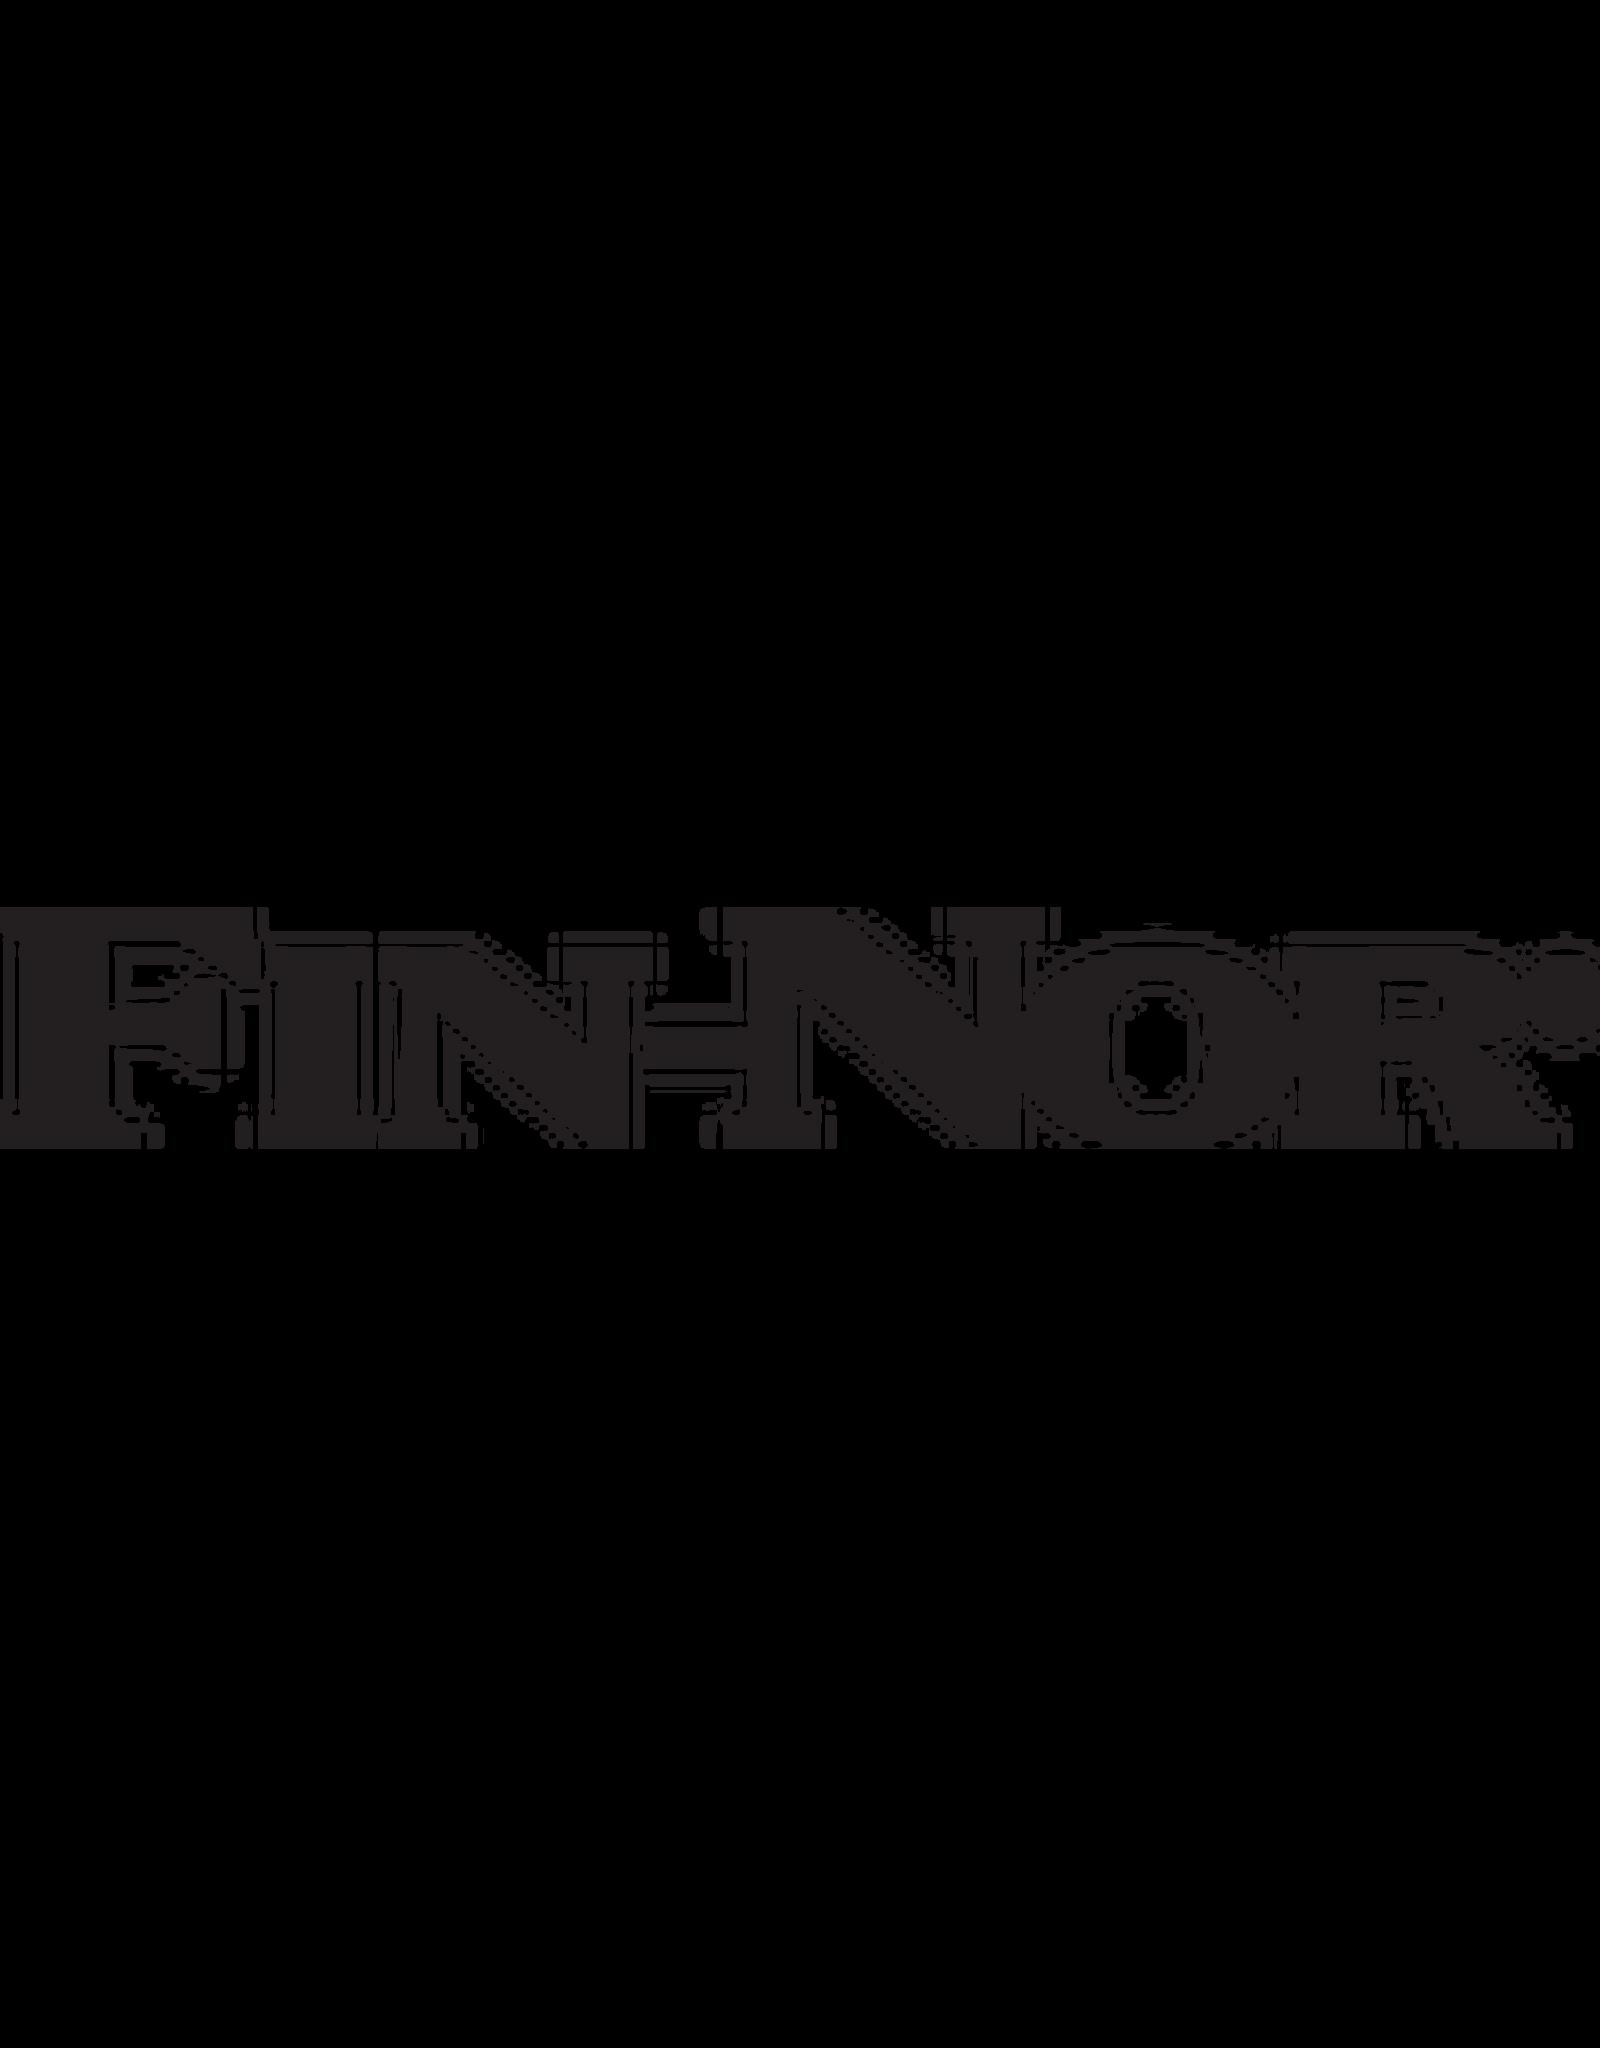 Fin-Nor BAIT CLICK PAWL